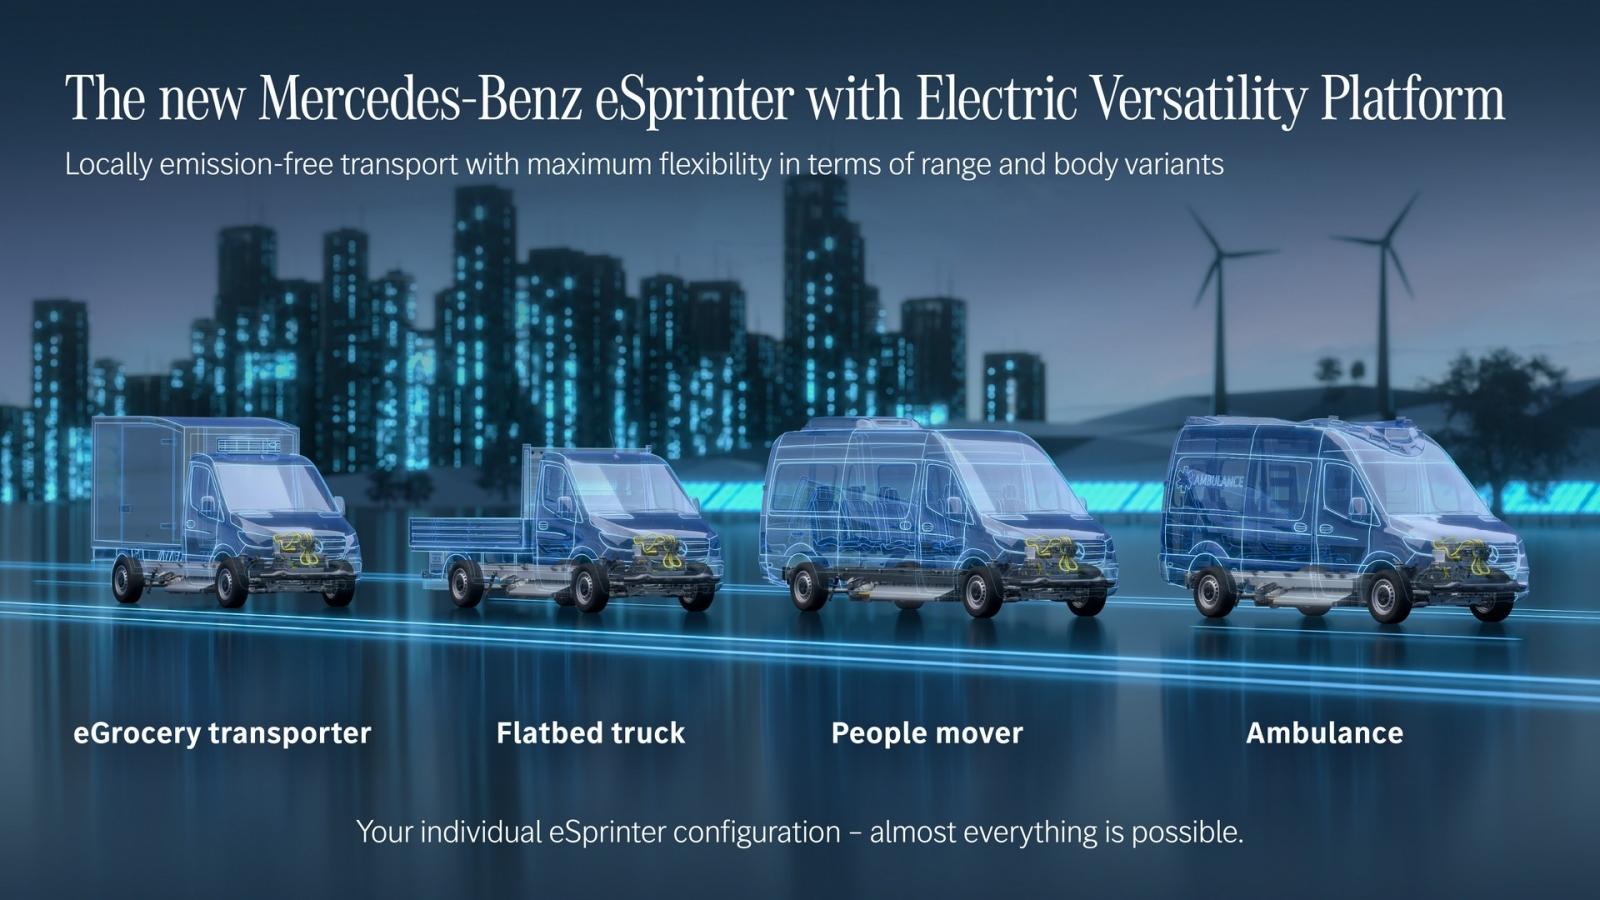 Mercedes xác nhận sẽ cung cấp xe van chạy điện - eSprinter vào 2023